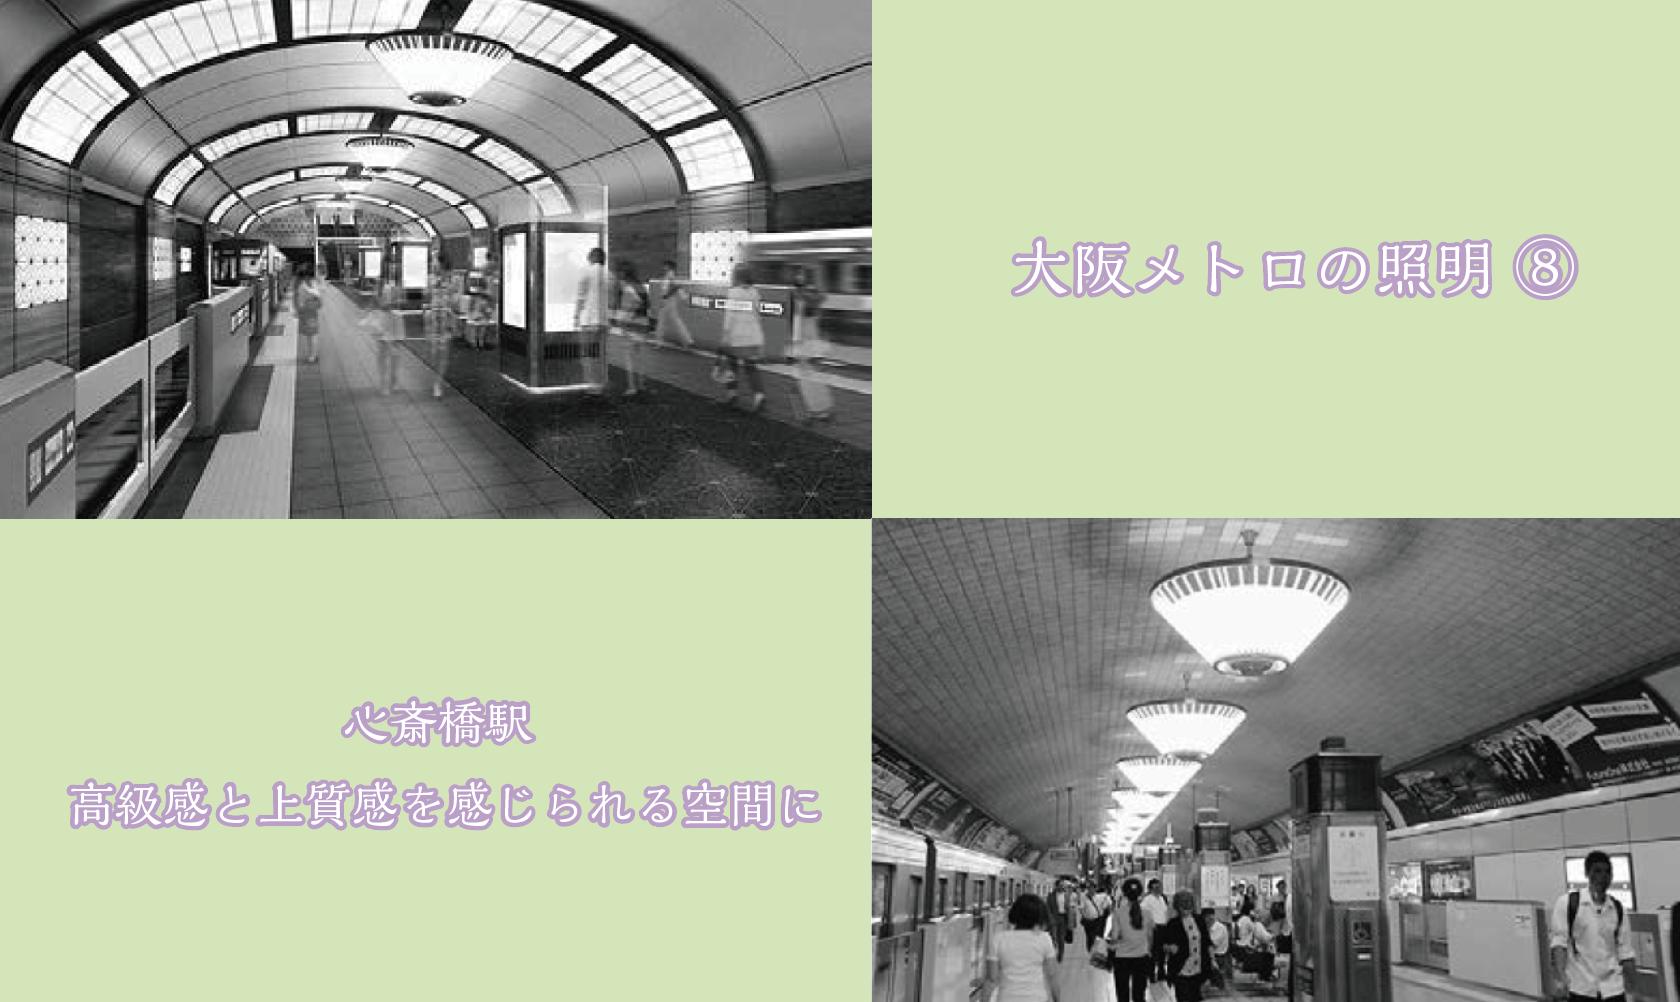 大阪メトロの照明 ⑧ 心斎橋駅 高級感と上質感を感じられる空間にの画像